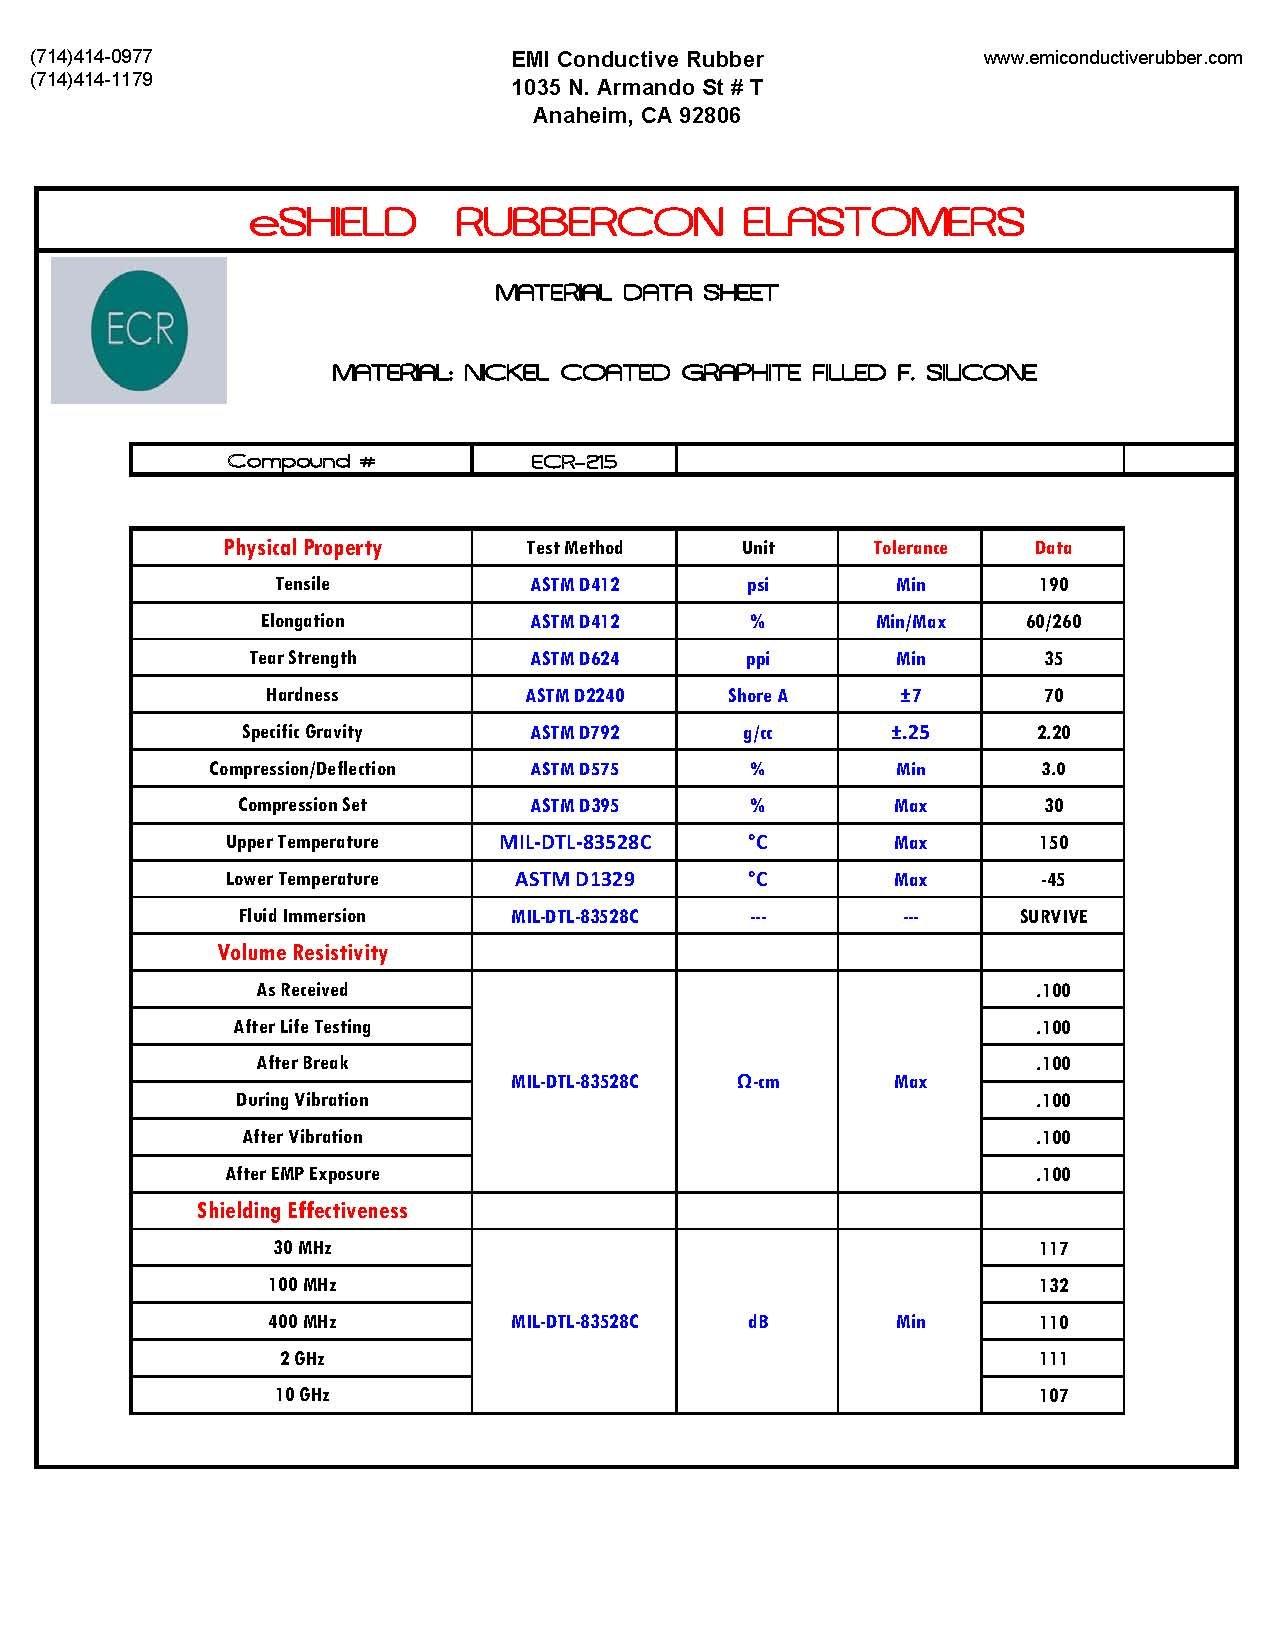 .250 O.D Solid Cord - Ni/C F. Silicone (ECR-215) by eShield RubberCON